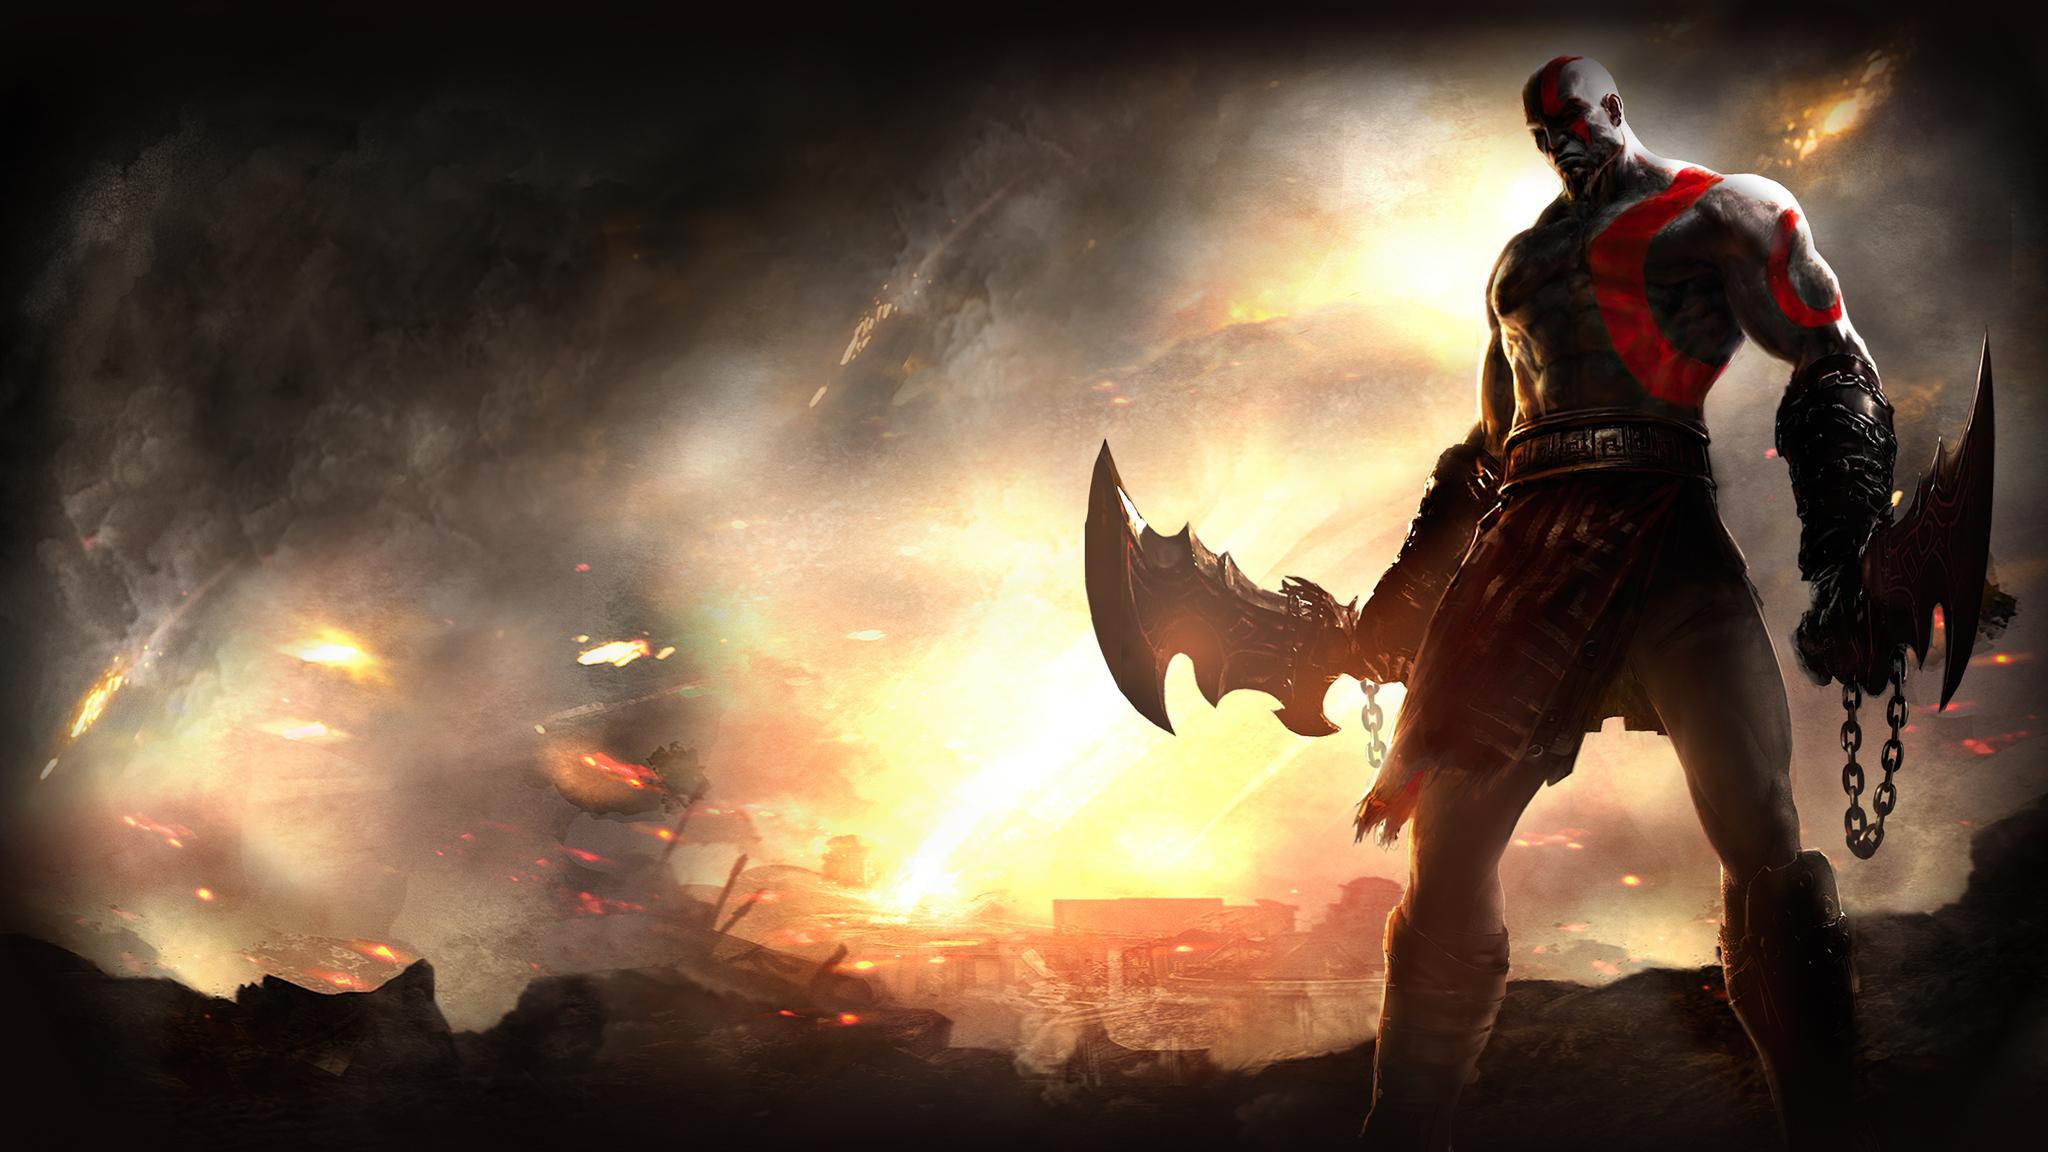 kratos-the-old-warrior-4k-cm.jpg